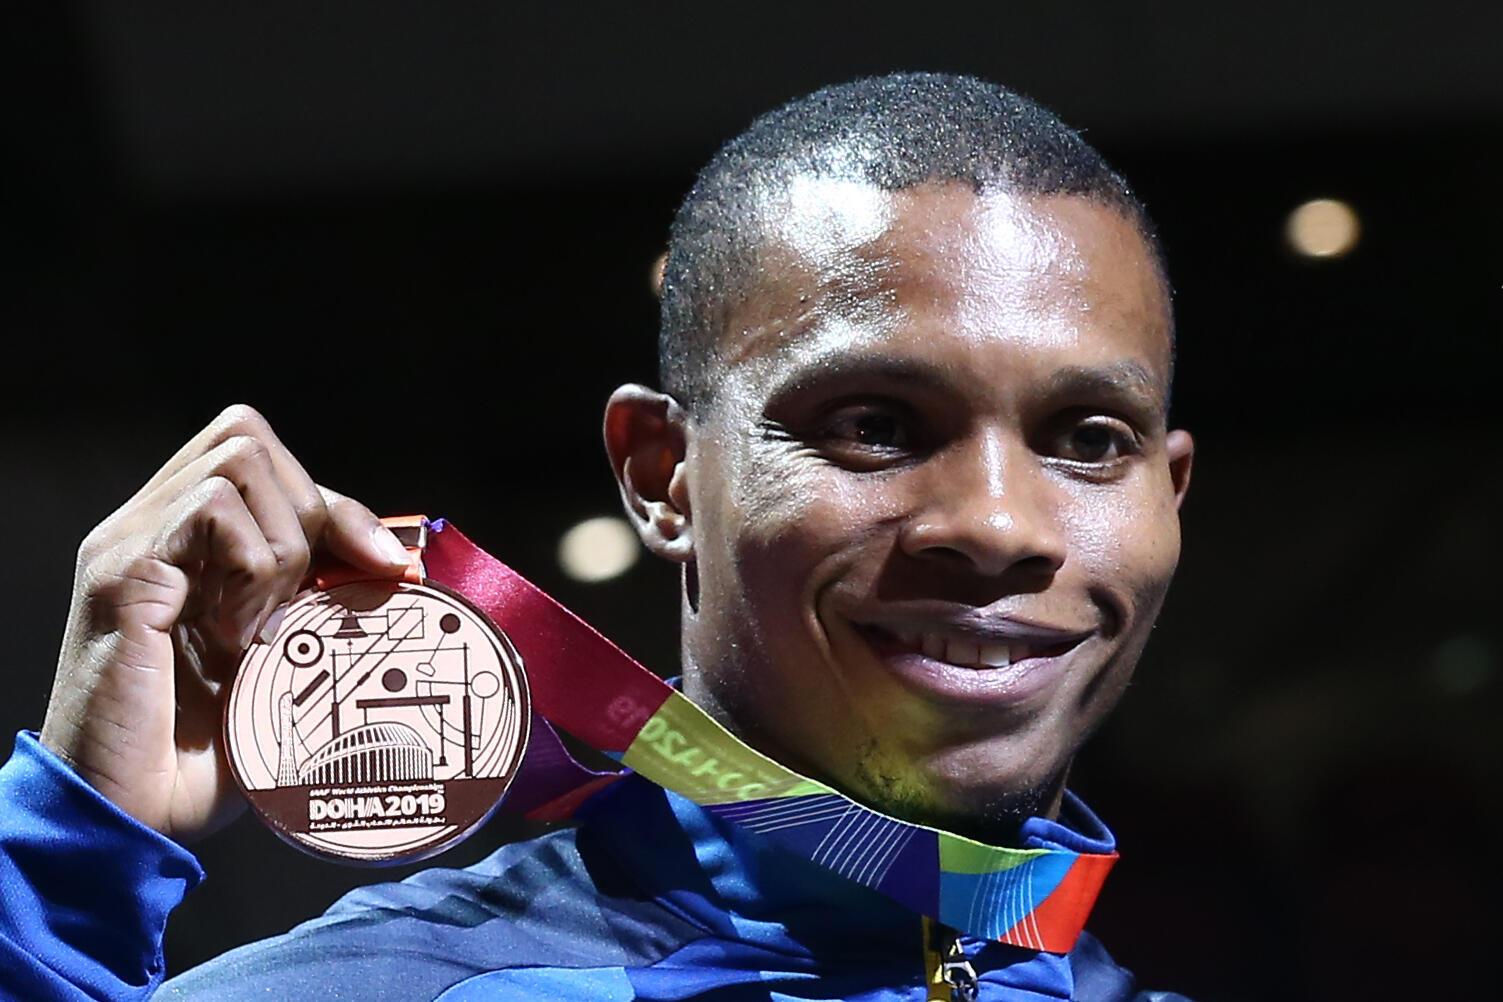 El velocista olímpico ecuatoriano Álex Quiñónez, de 32 años, fue asesinado en el puerto de Guayaquil